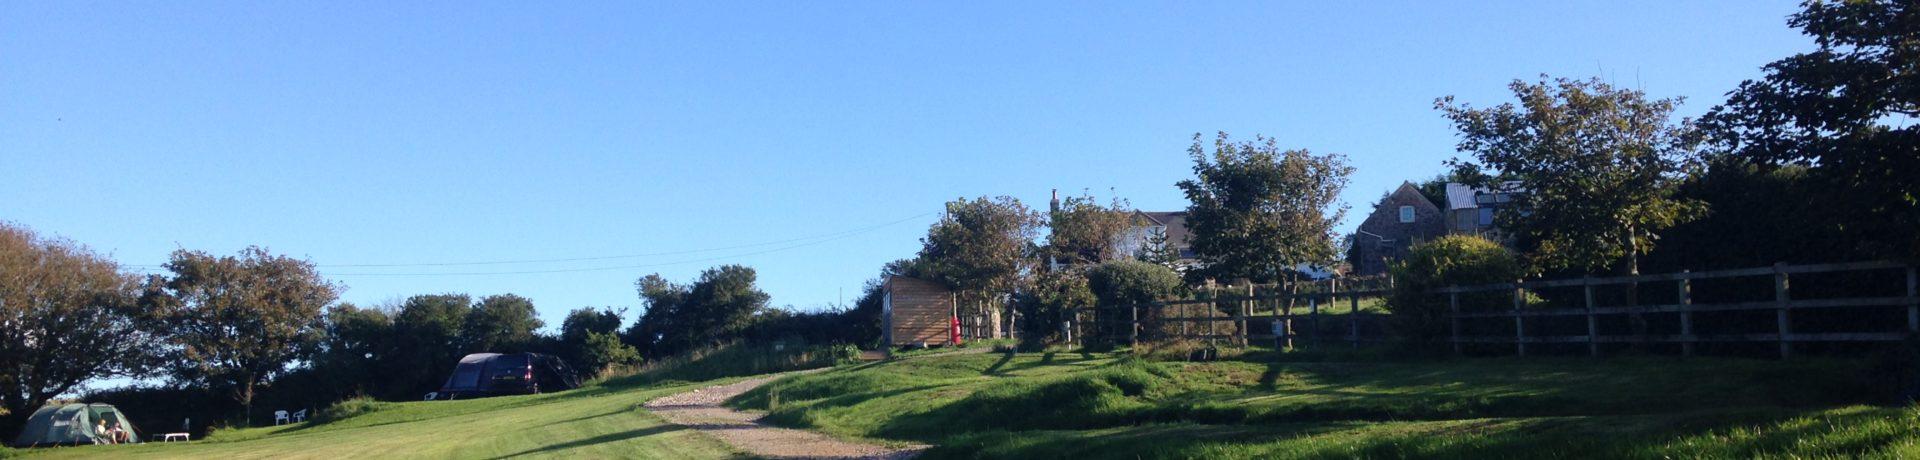 Point Farm Campsite in Haverfordwest is een familiecamping in Wales en ligt aan het water. In de omgeving van de camping vindt u mooie natuur.